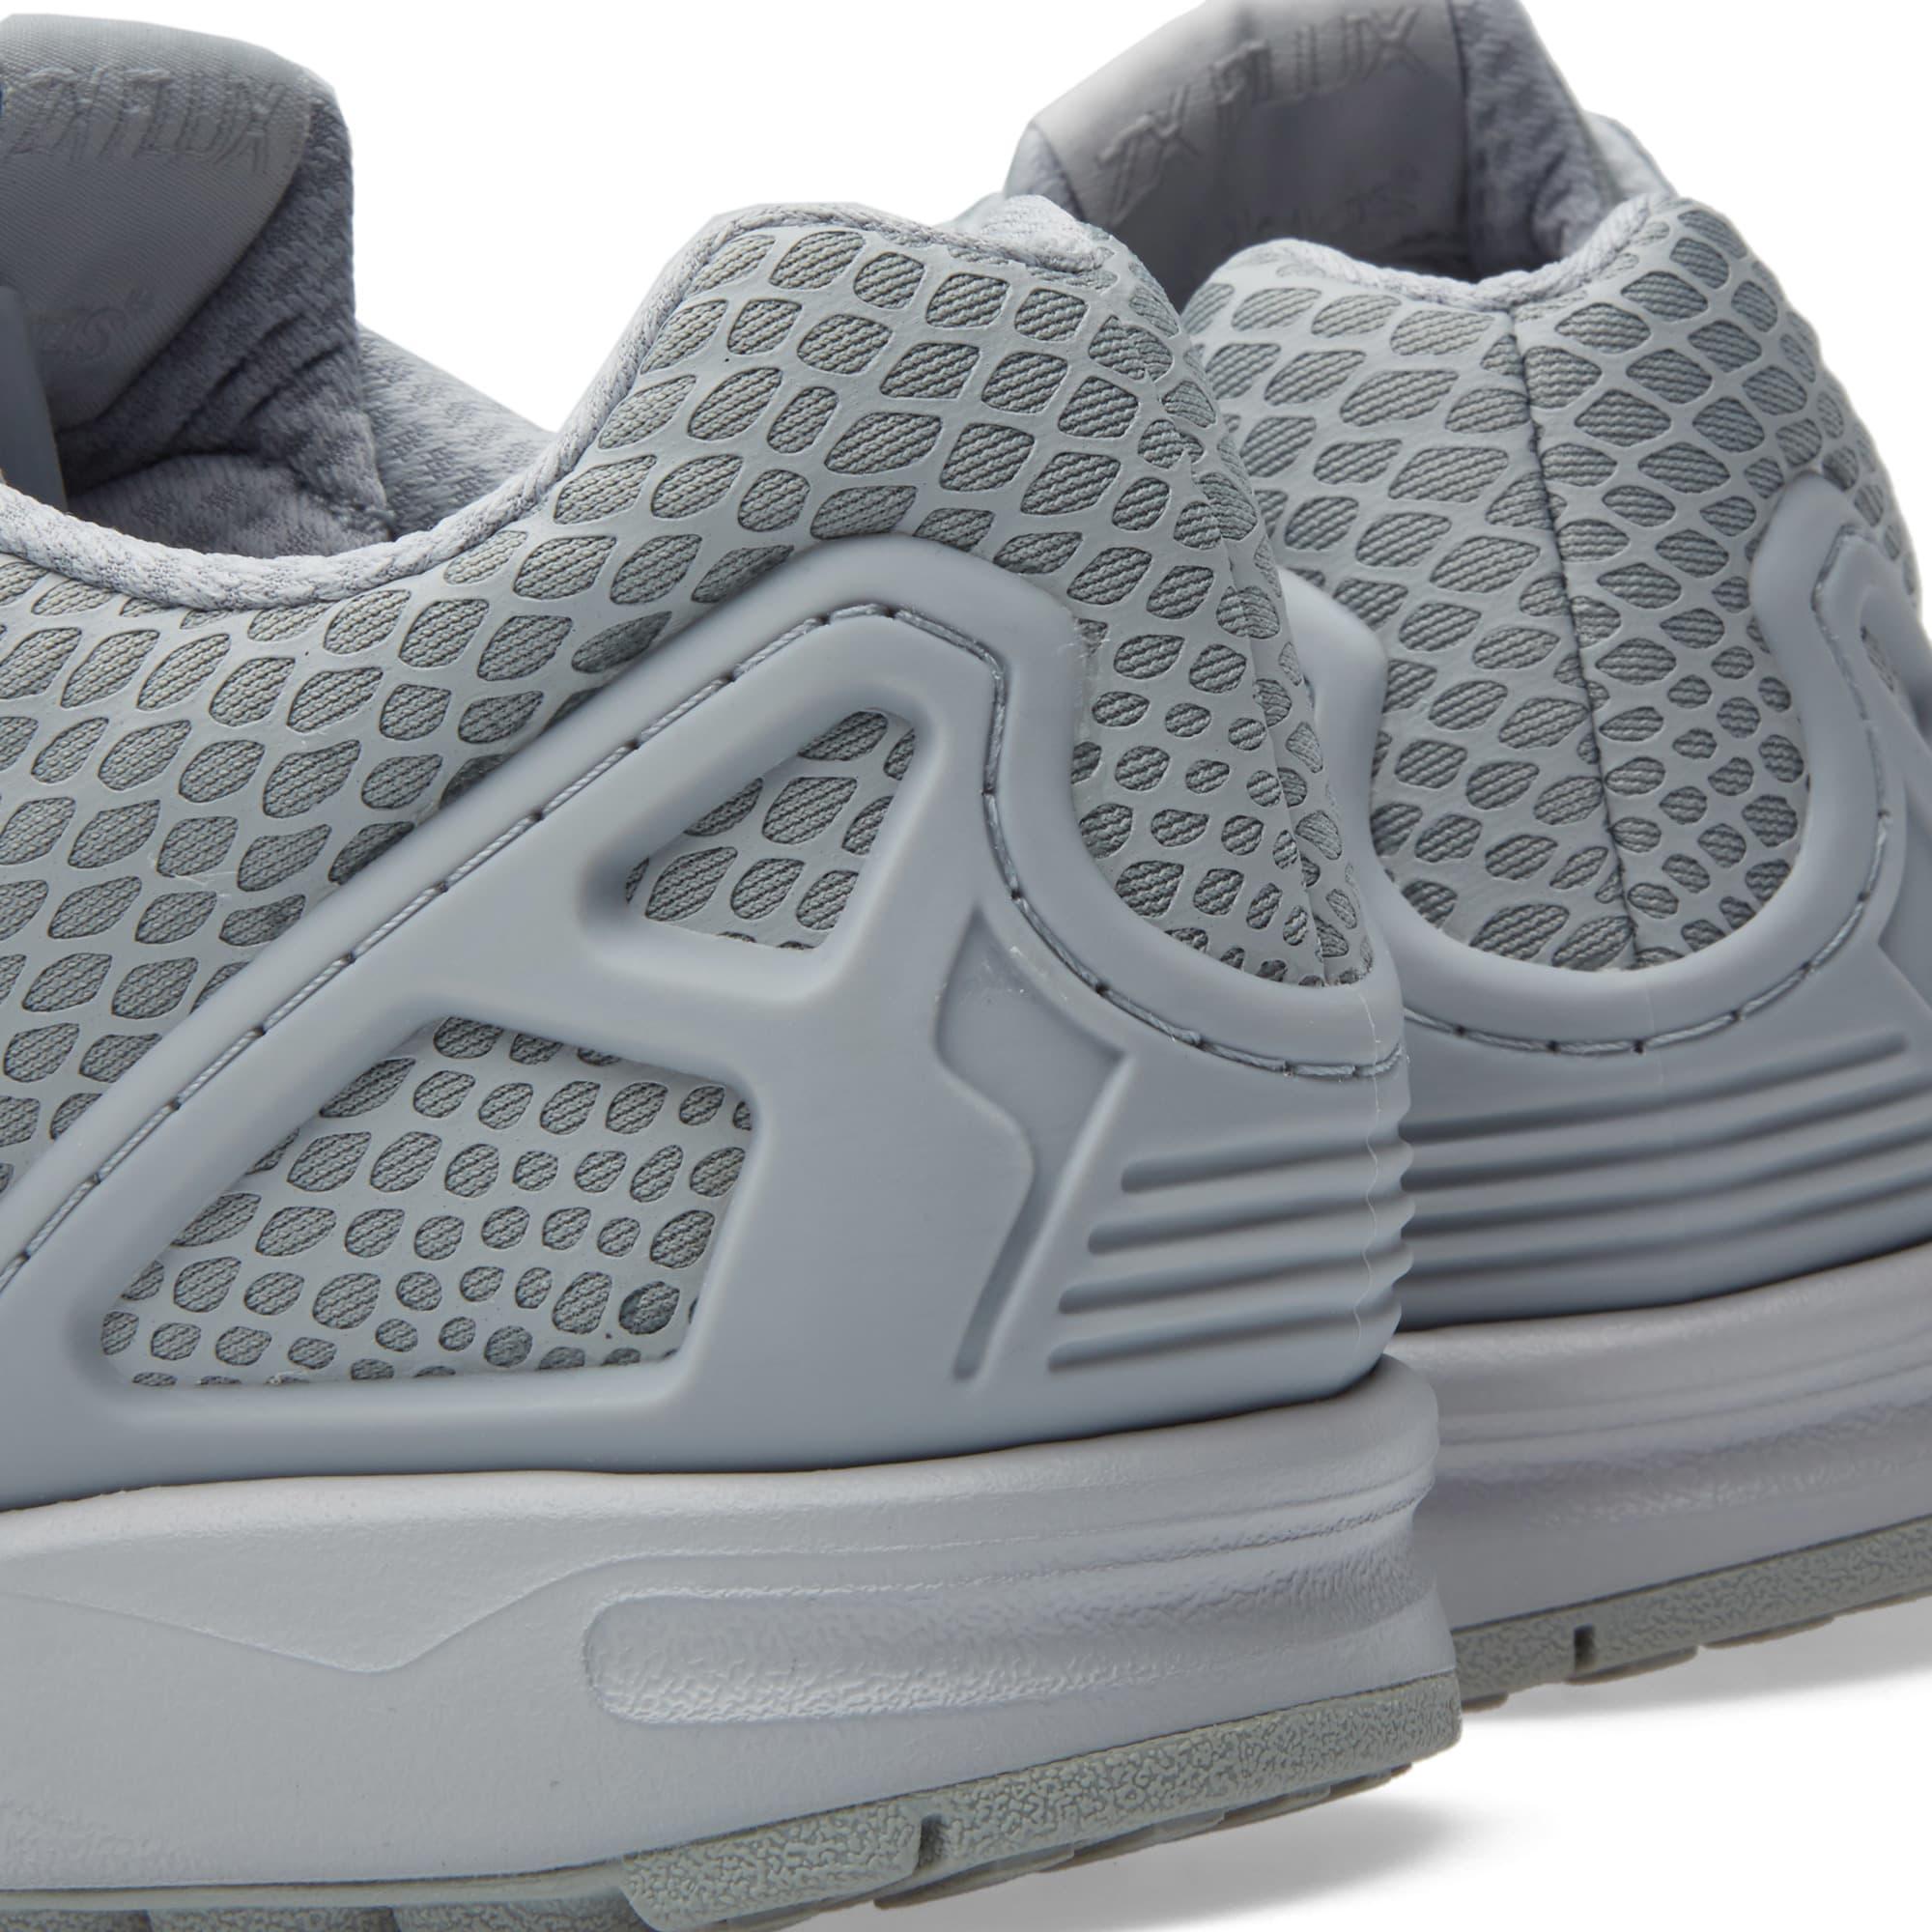 Adidas ZX Flux Techfit Clear \u0026 Super